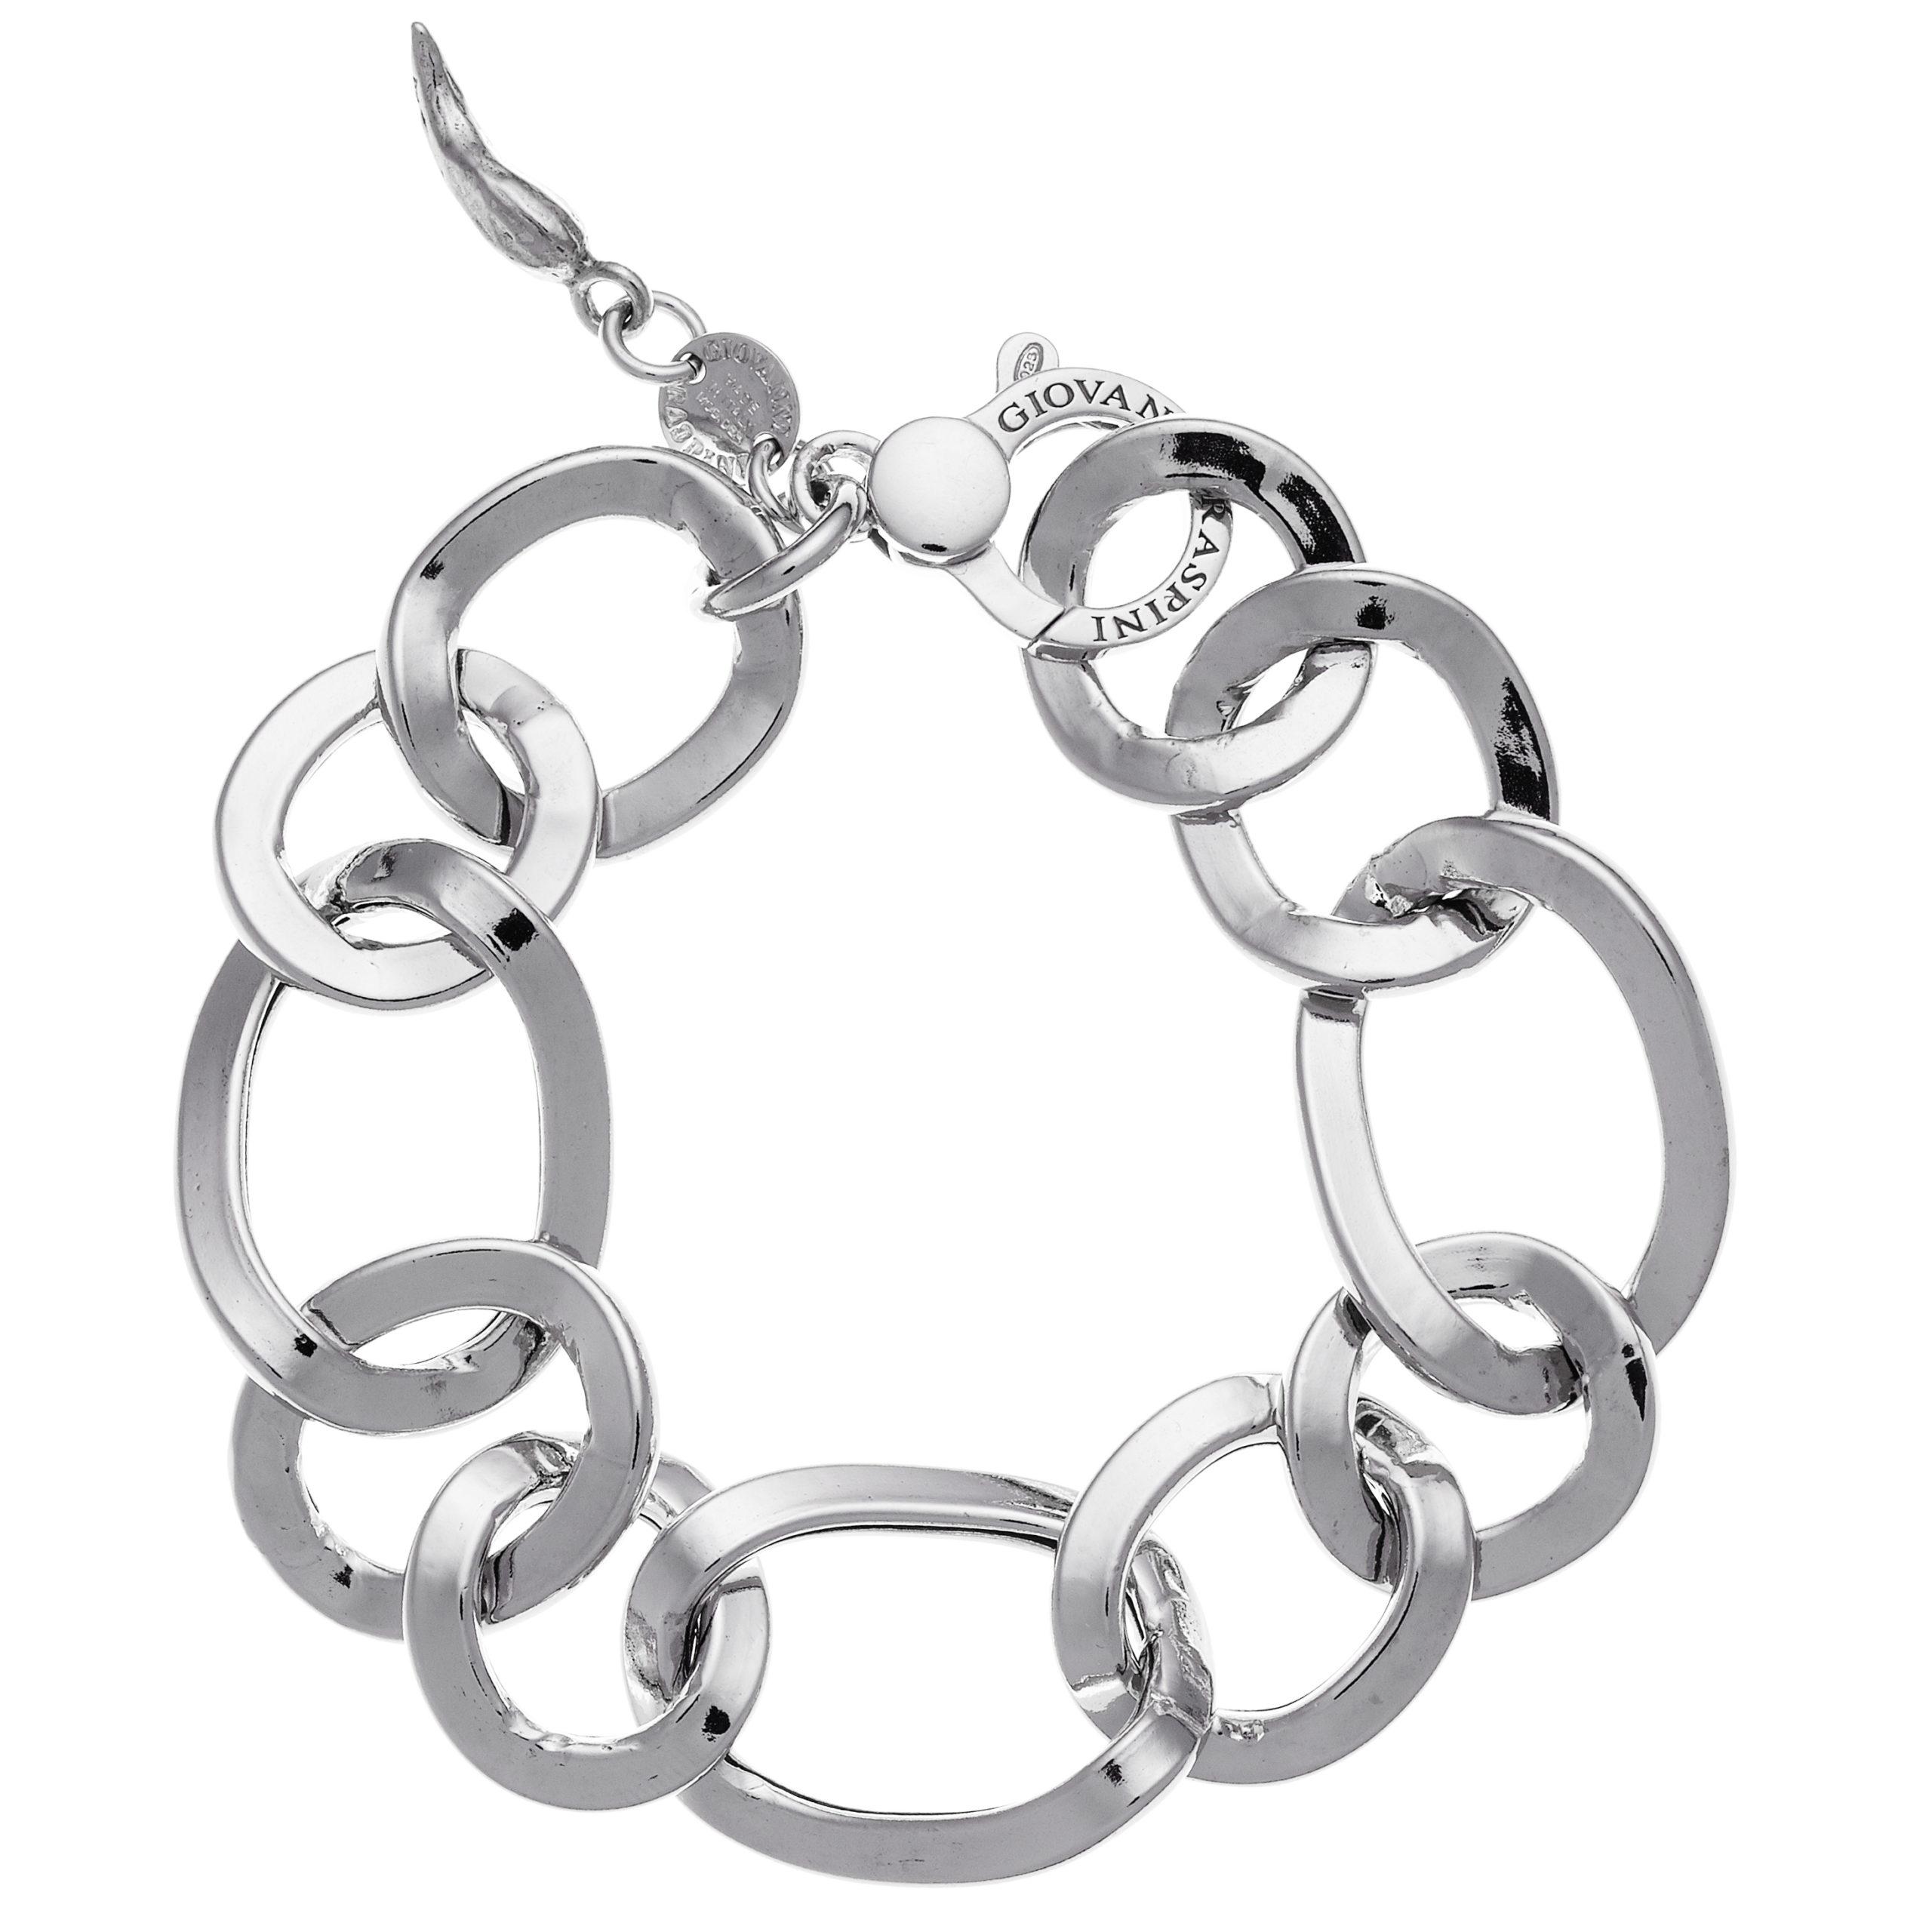 Bracciale Giovanni RASPINI 09954 Bracelet